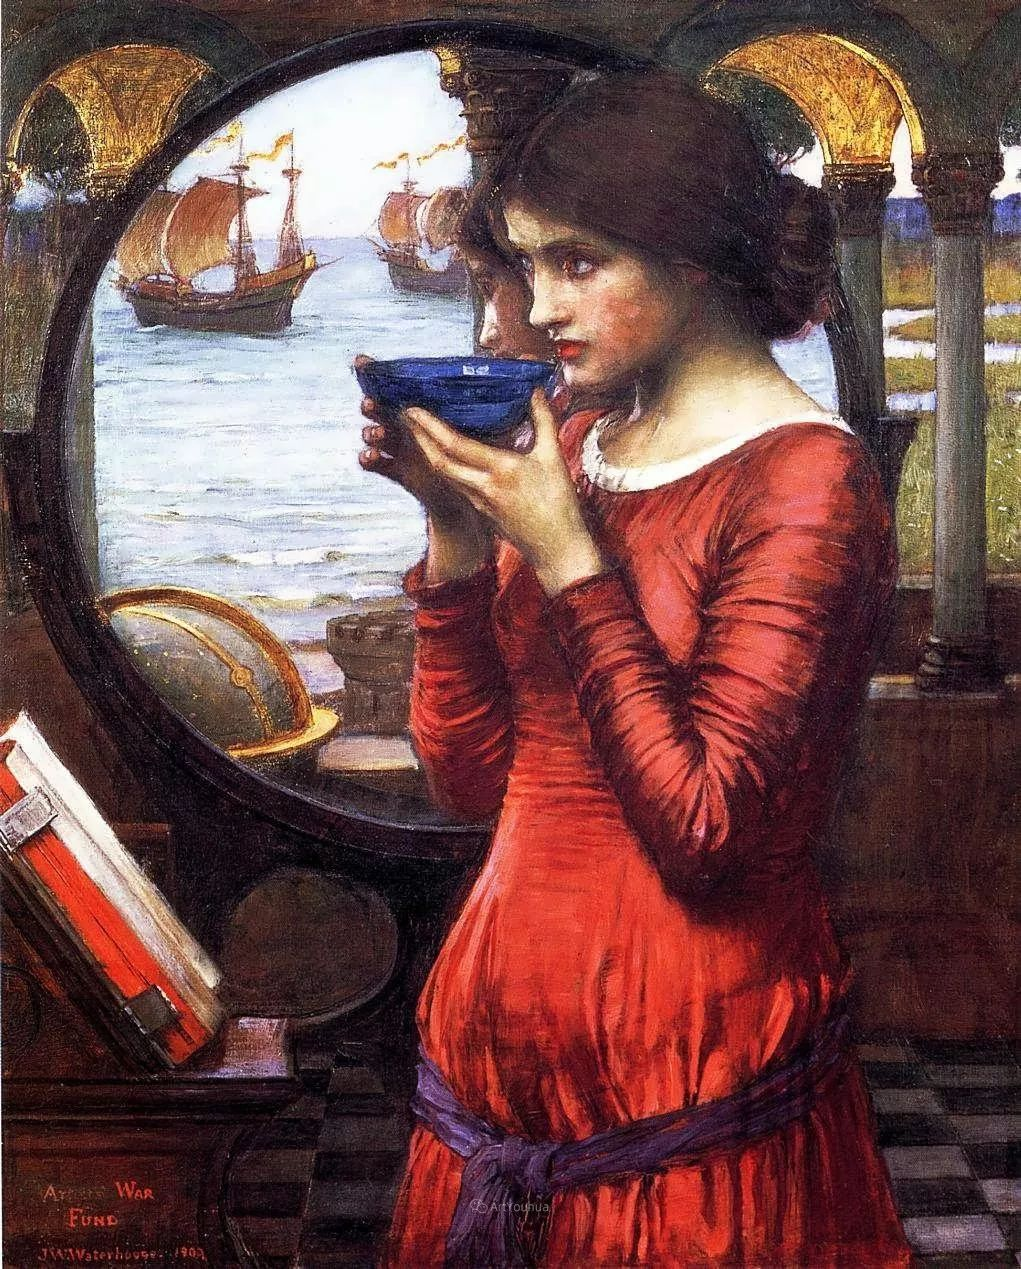 美若天仙的唯美诗性 ,英国皇家美术学院院士约翰·威廉姆·沃特豪斯插图35